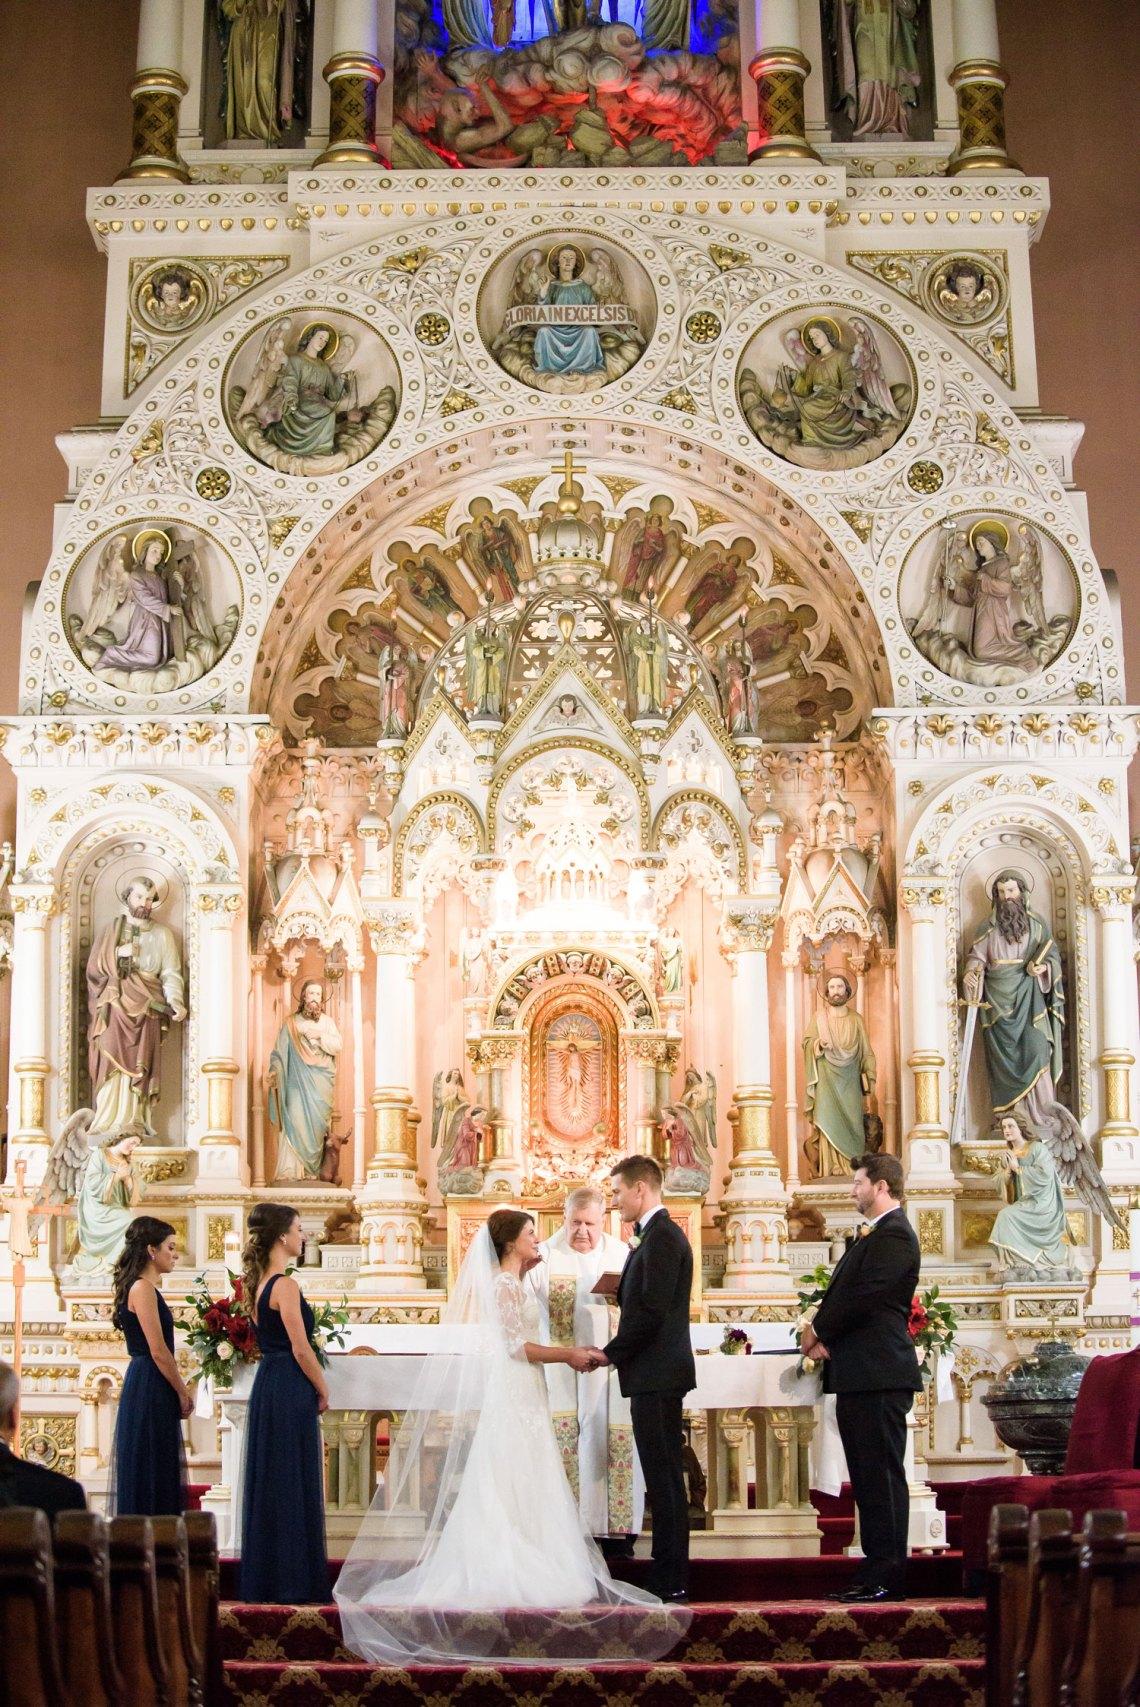 Wedding Ceremony Ideas: 13 Décor Ideas for a Church ...